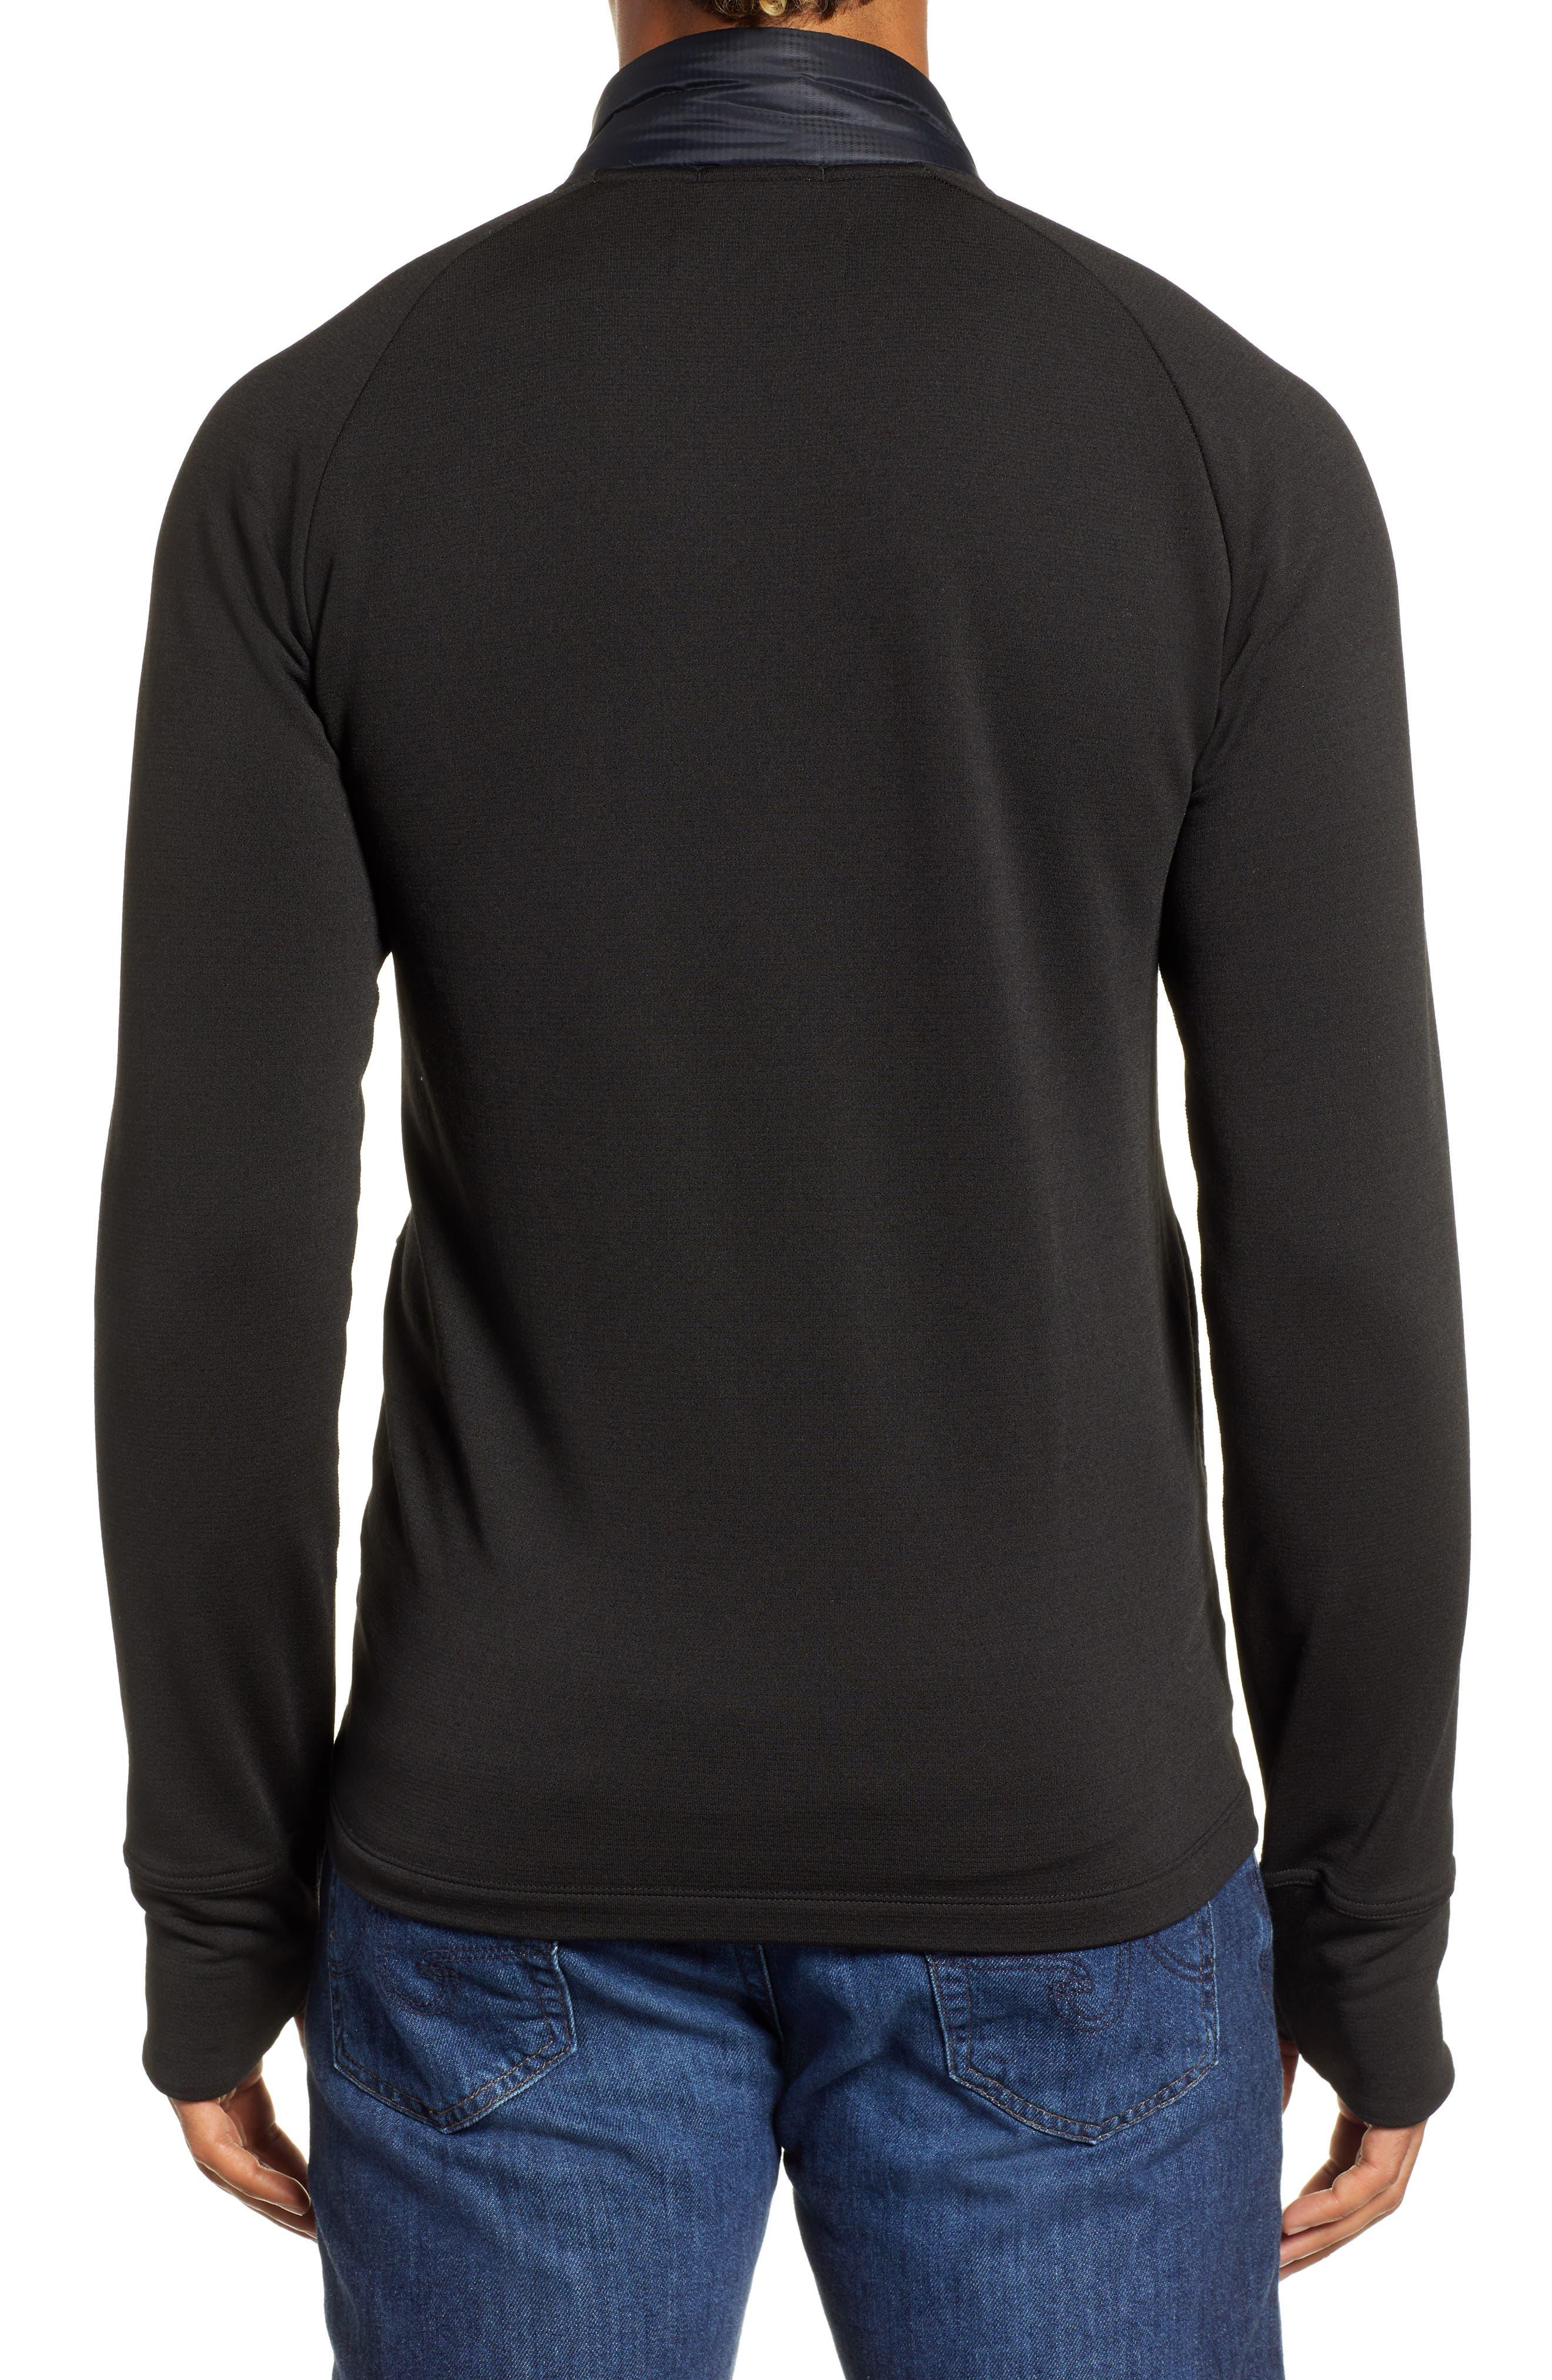 Regular Fit SmartLoft 120 Jacket,                             Alternate thumbnail 2, color,                             BLACK